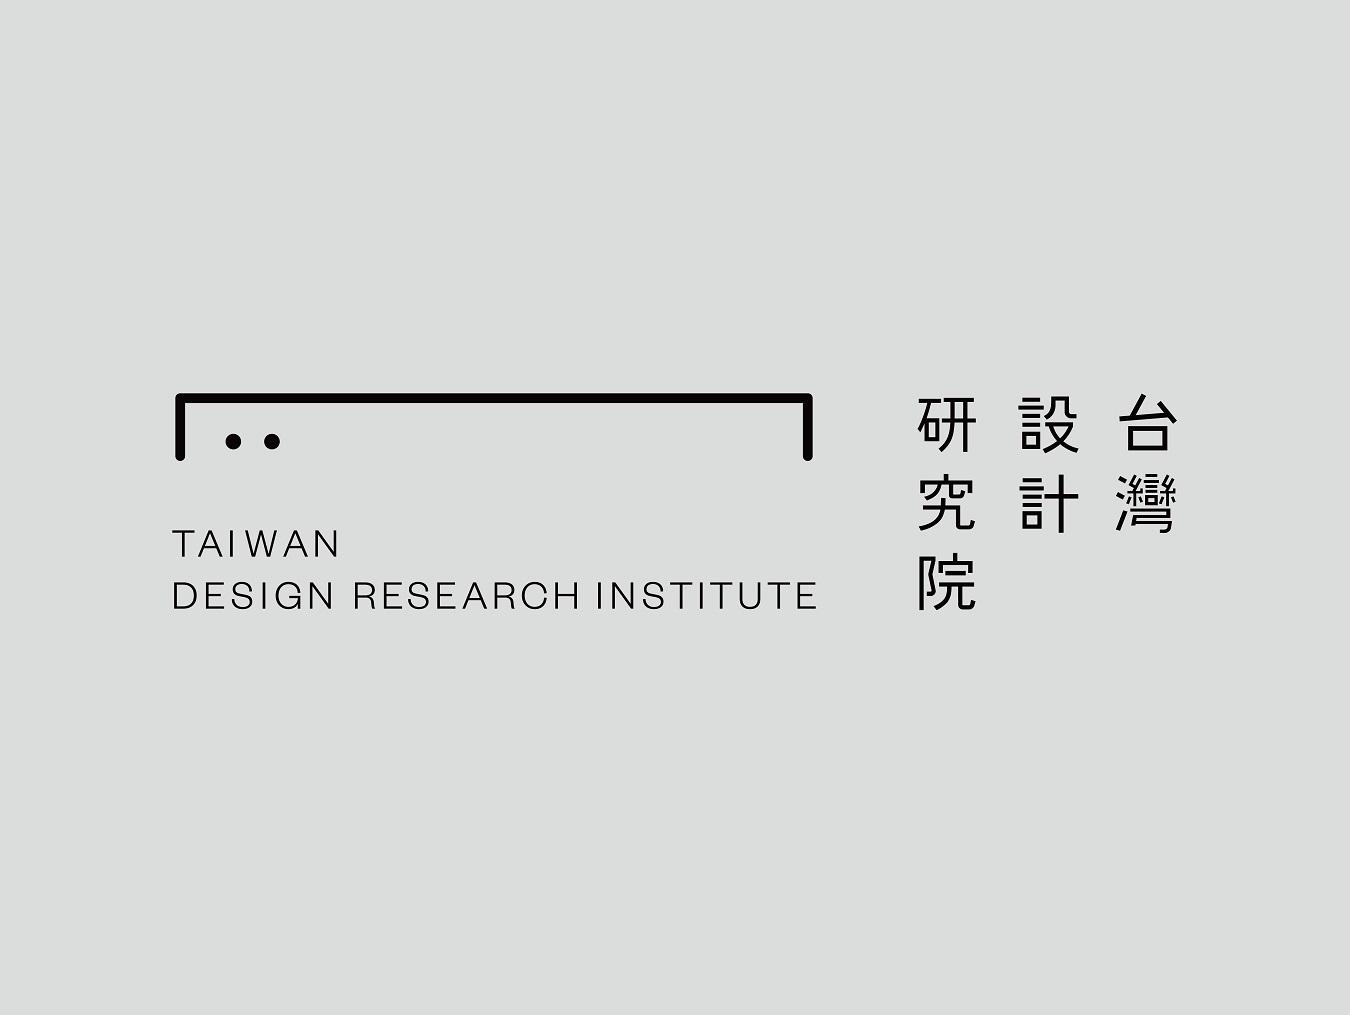 台灣設計研究院徵才訊息